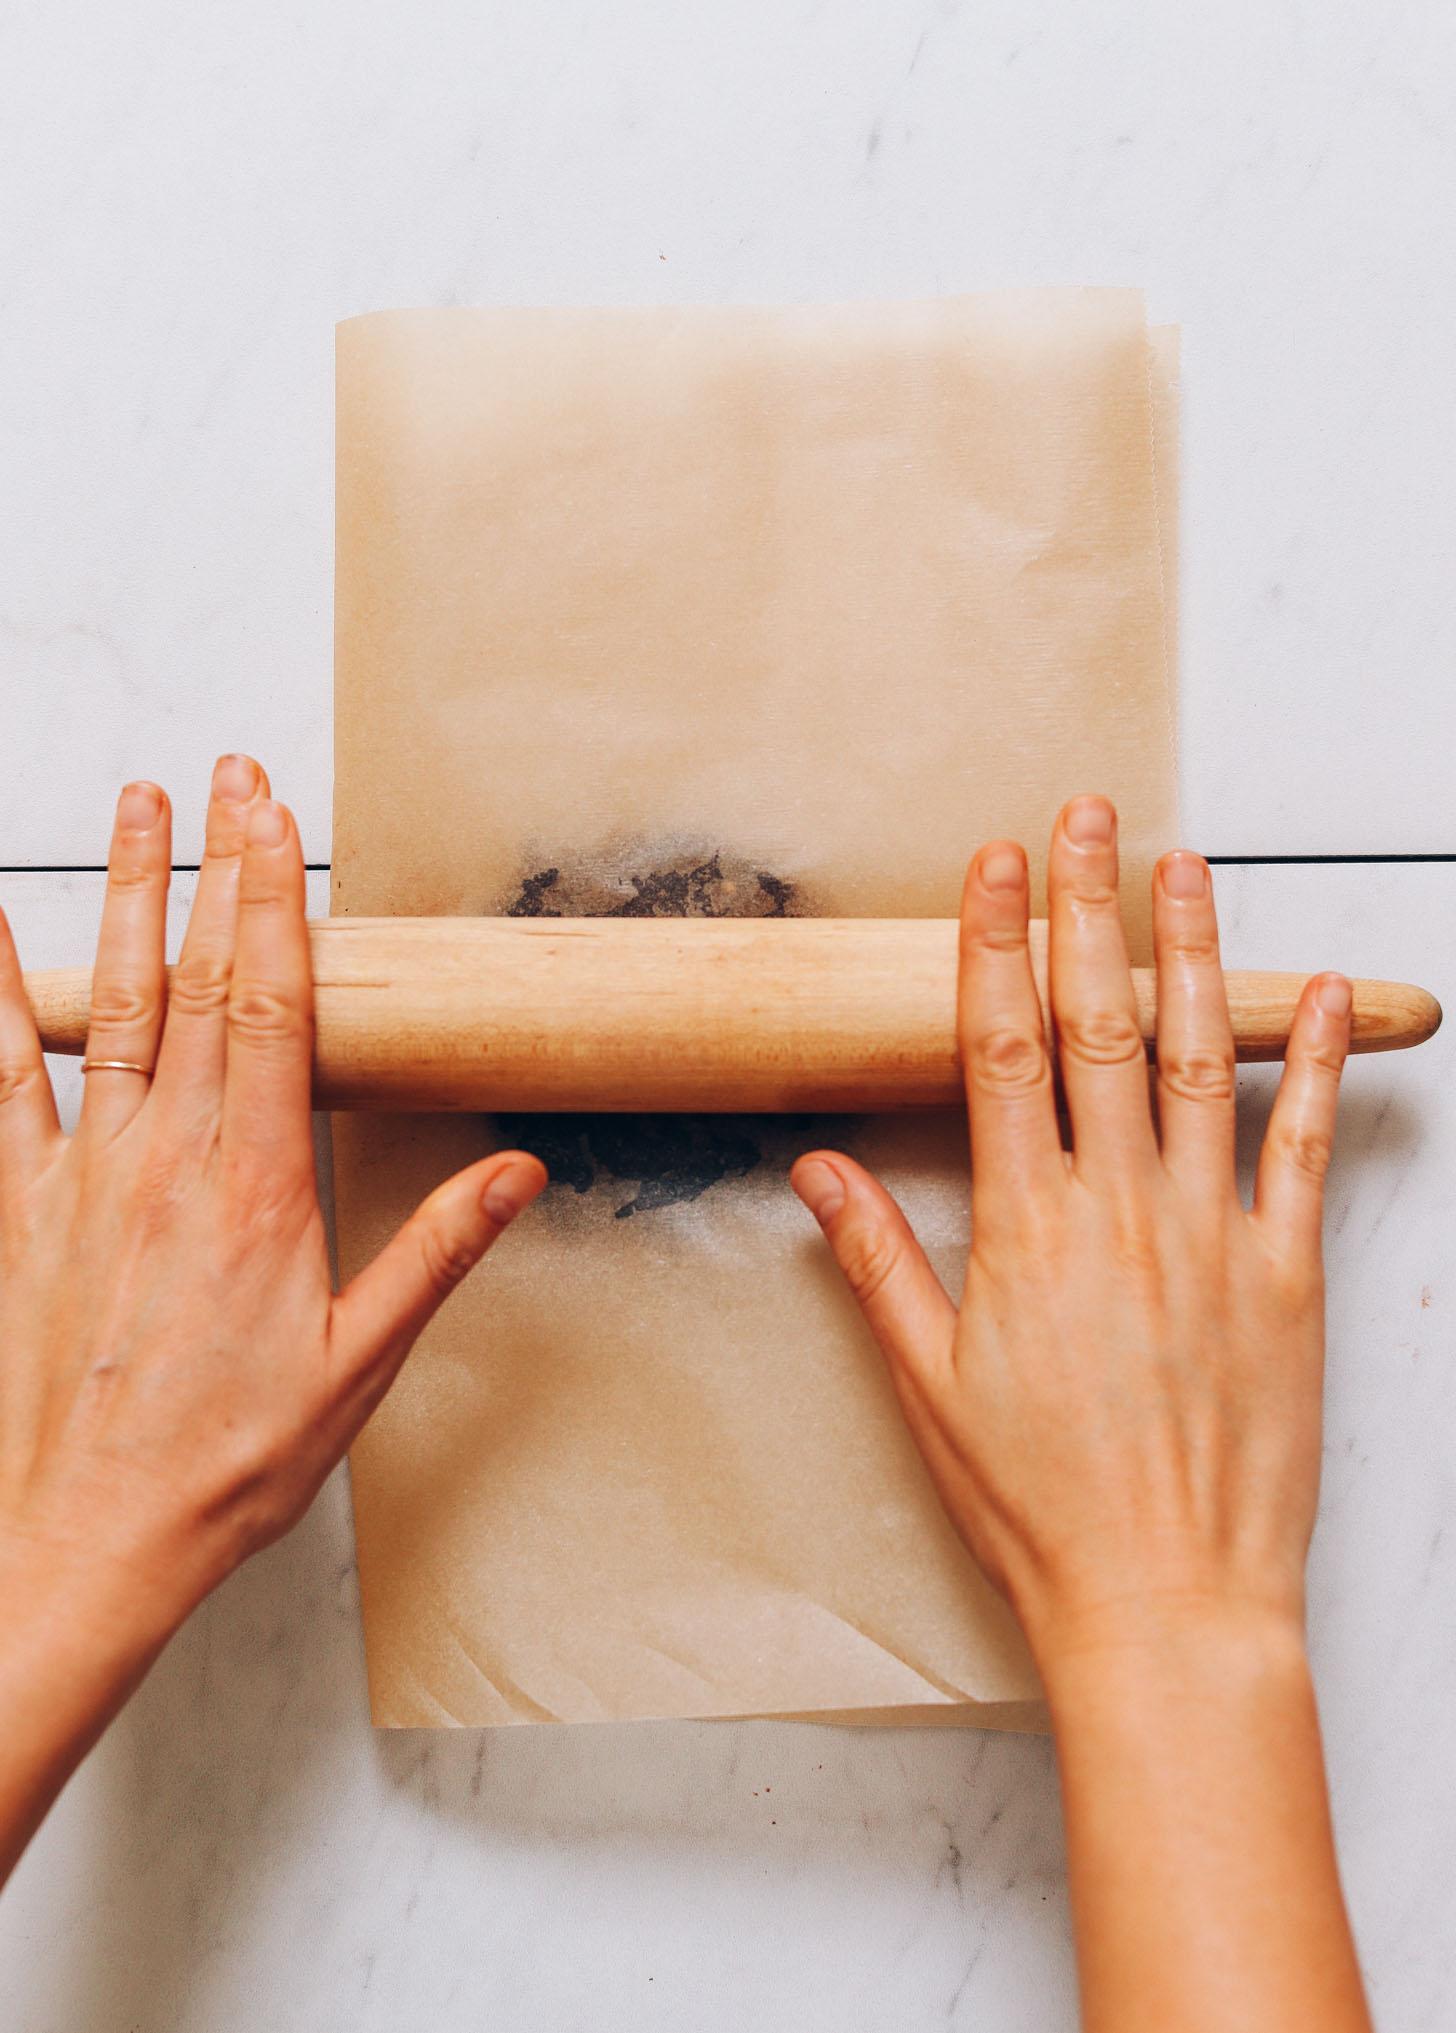 Usando un rodillo sobre papel pergamino para enrollar chocolate endulzado con miel en barras